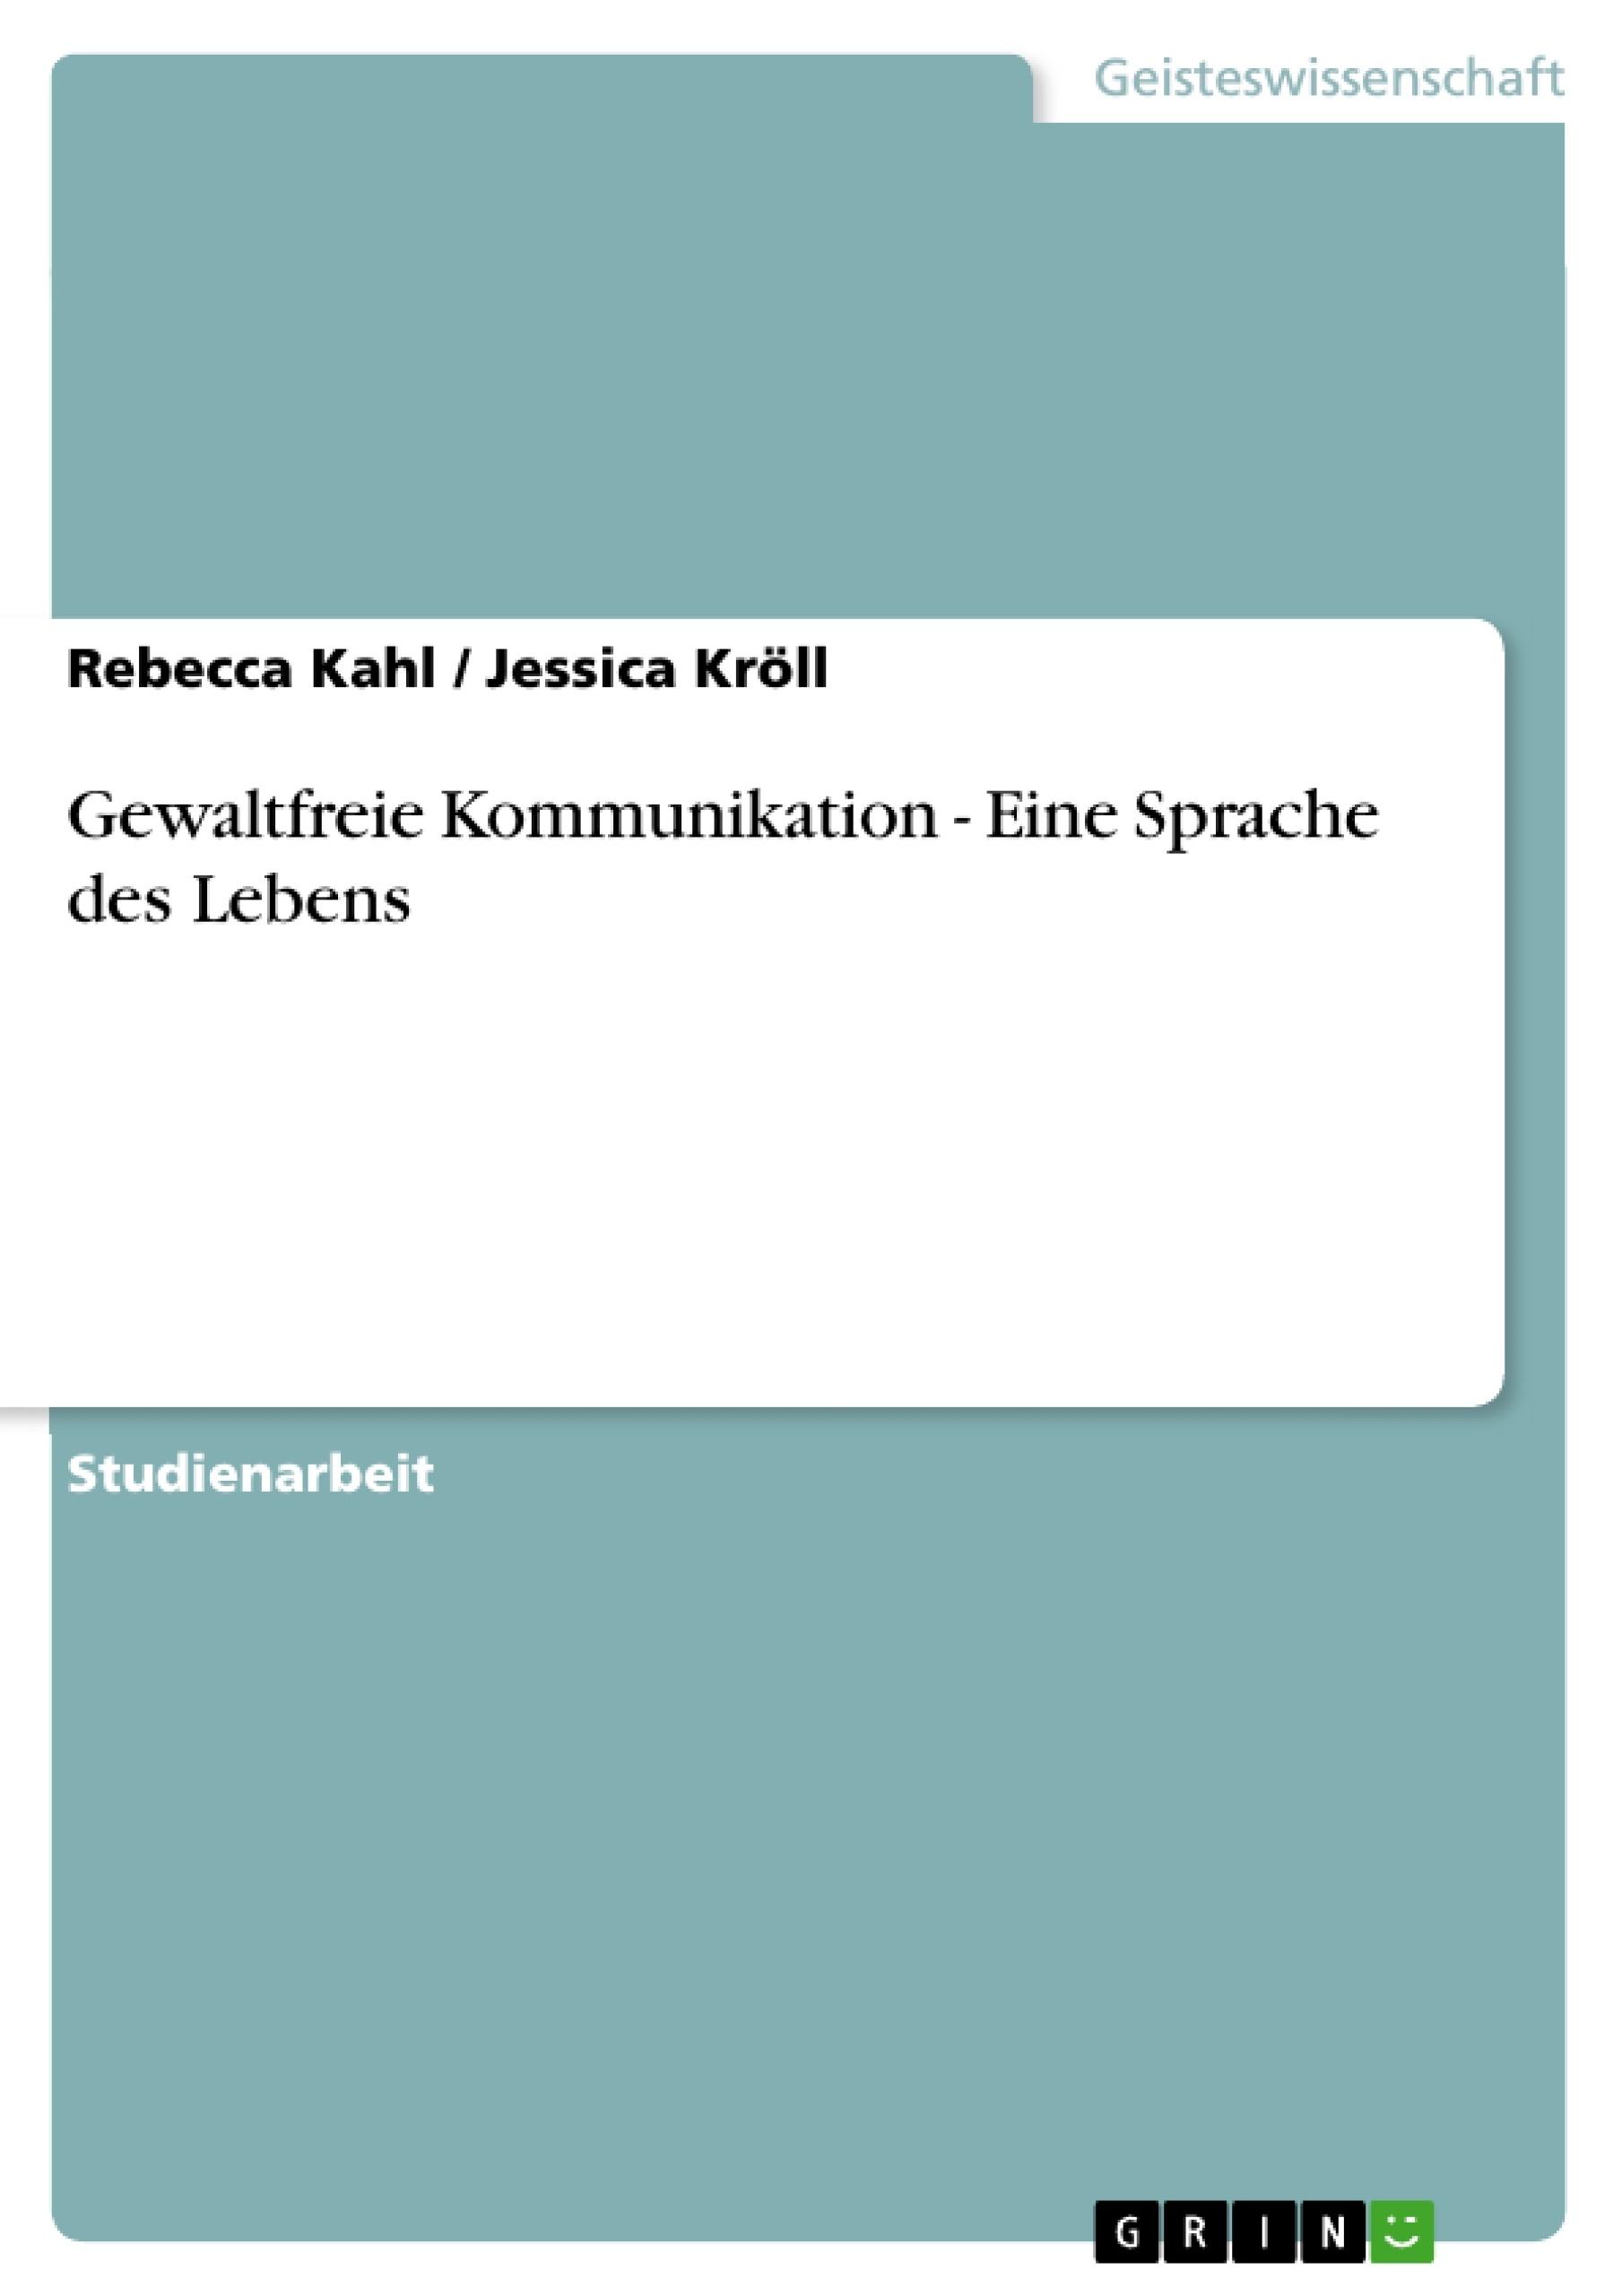 Titel: Gewaltfreie Kommunikation - Eine Sprache des Lebens